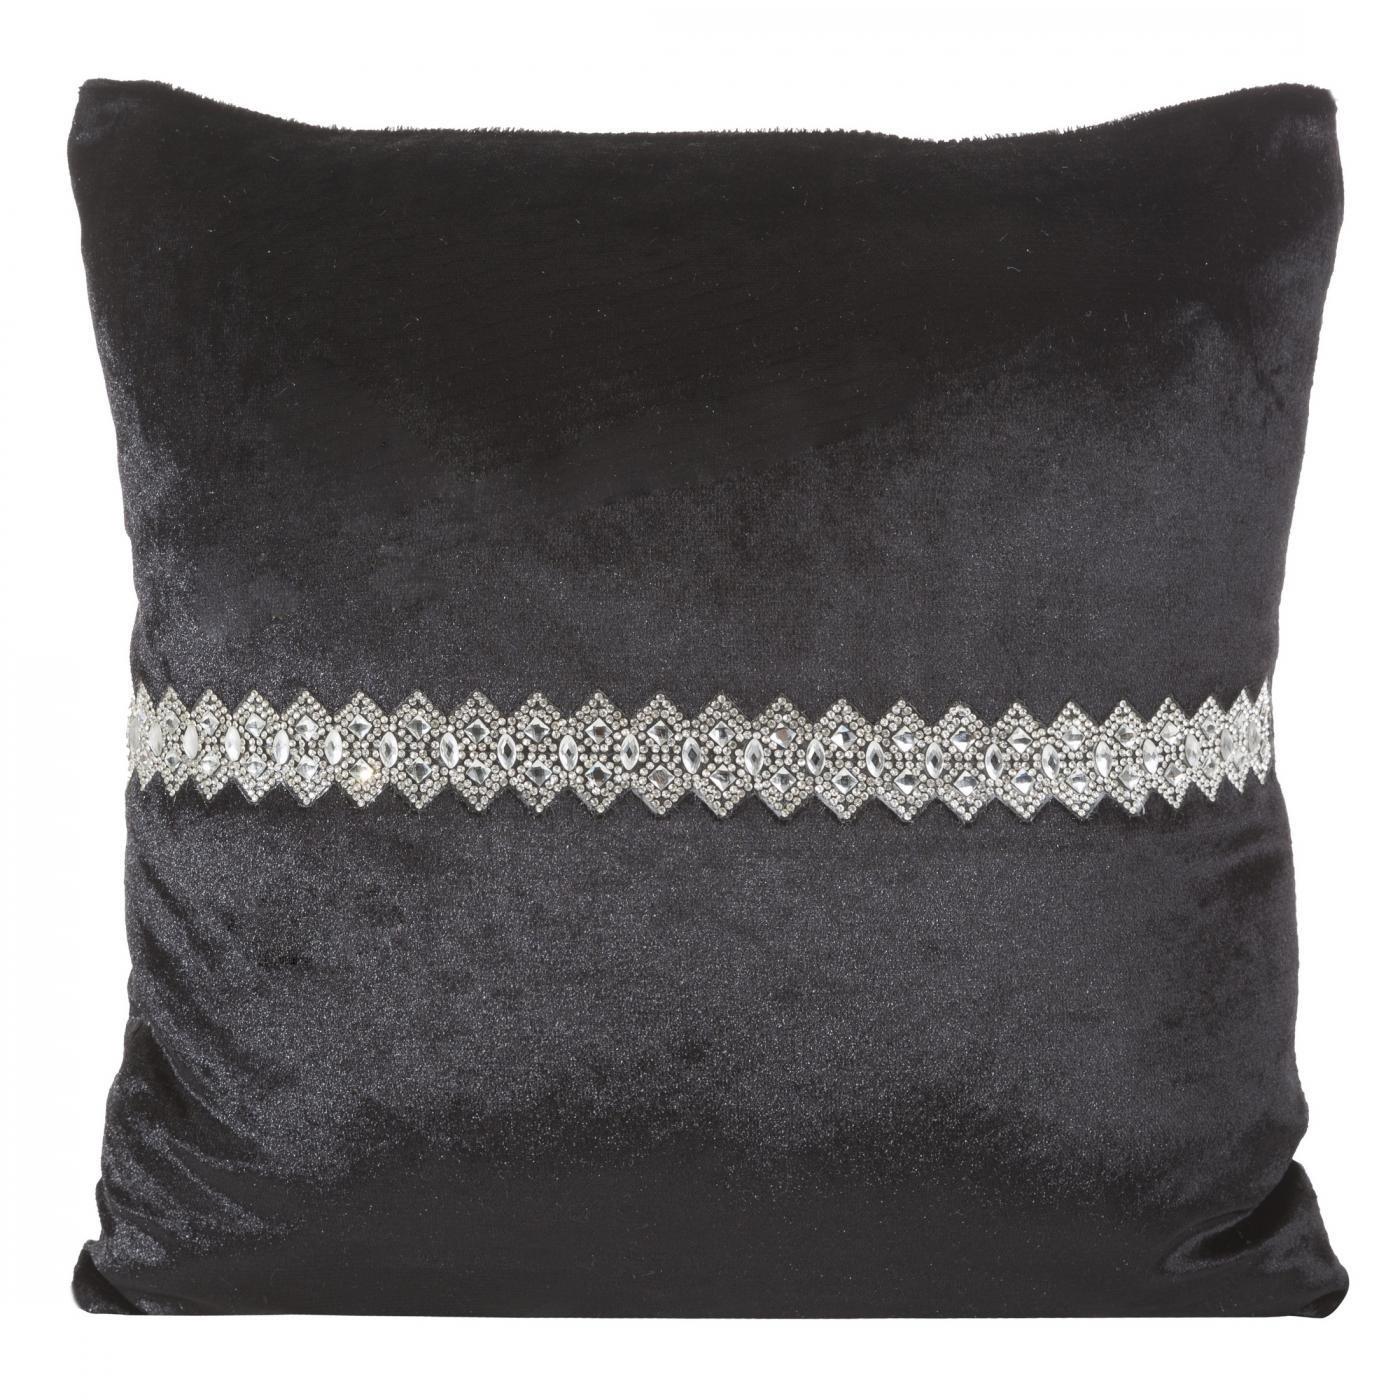 Poszewka na poduszkę czarna ze srebrnym paskiem 40 x 40